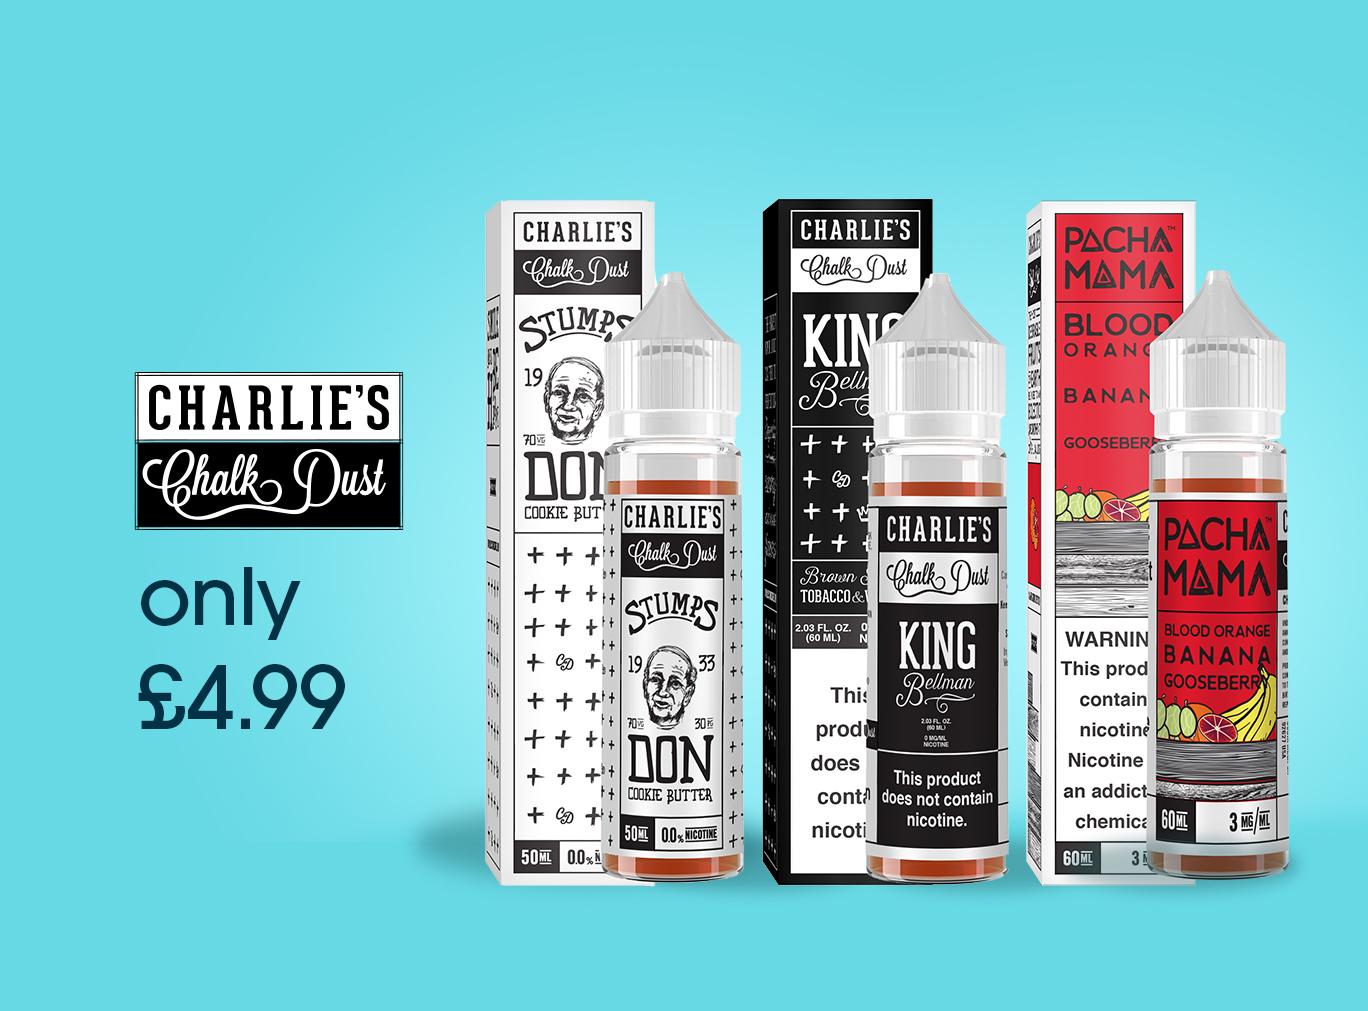 Charlies Chalk Dusk Clearance – £4.99